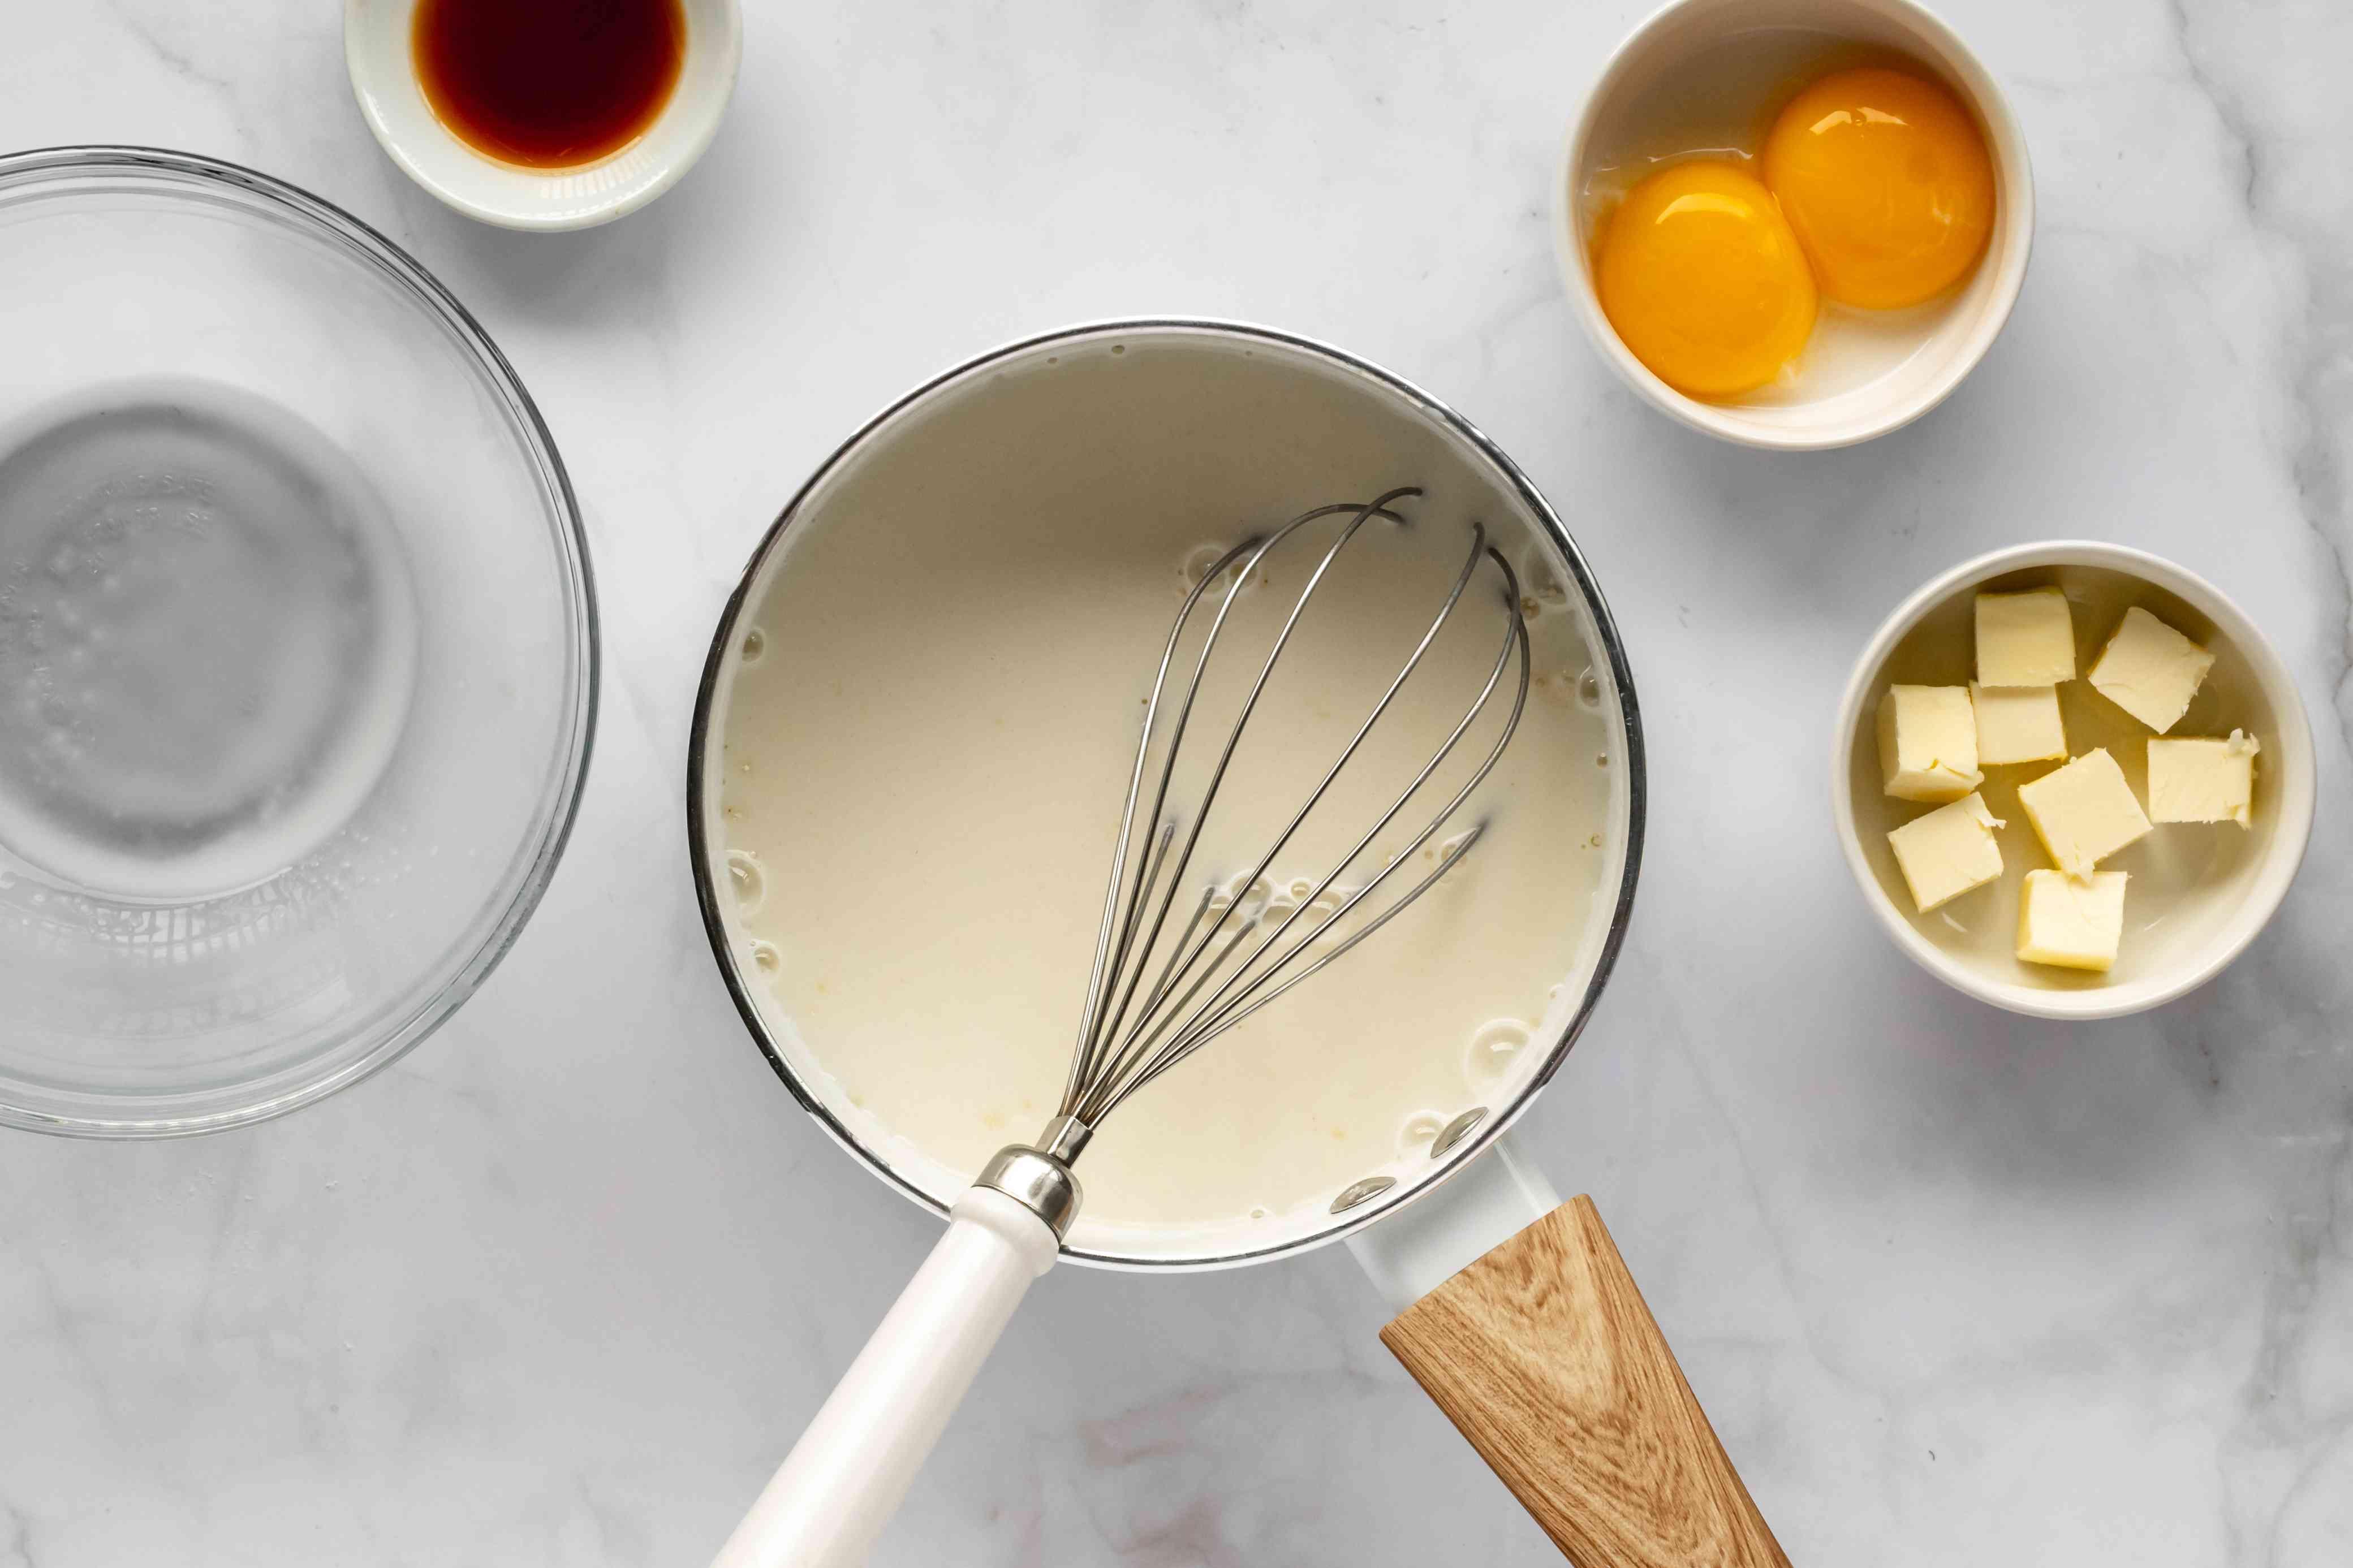 milk, sugar, flour and salt in a saucepan